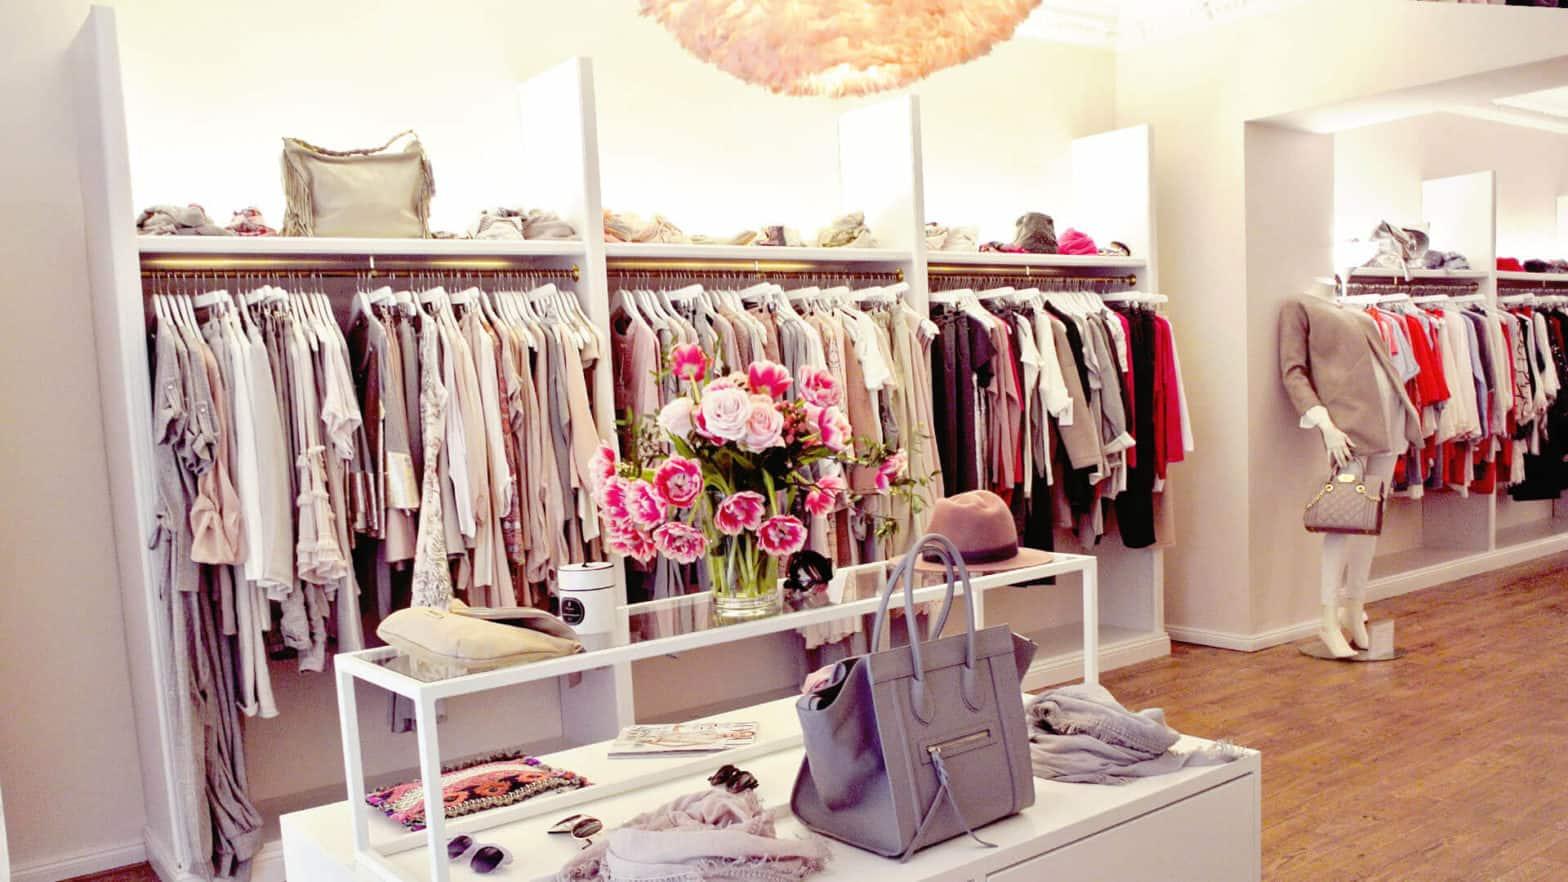 Luxusboutique mit Kleidung, Blumen und Accesoires Partner von Louisa's Place Hotel am Kudamm Berlin